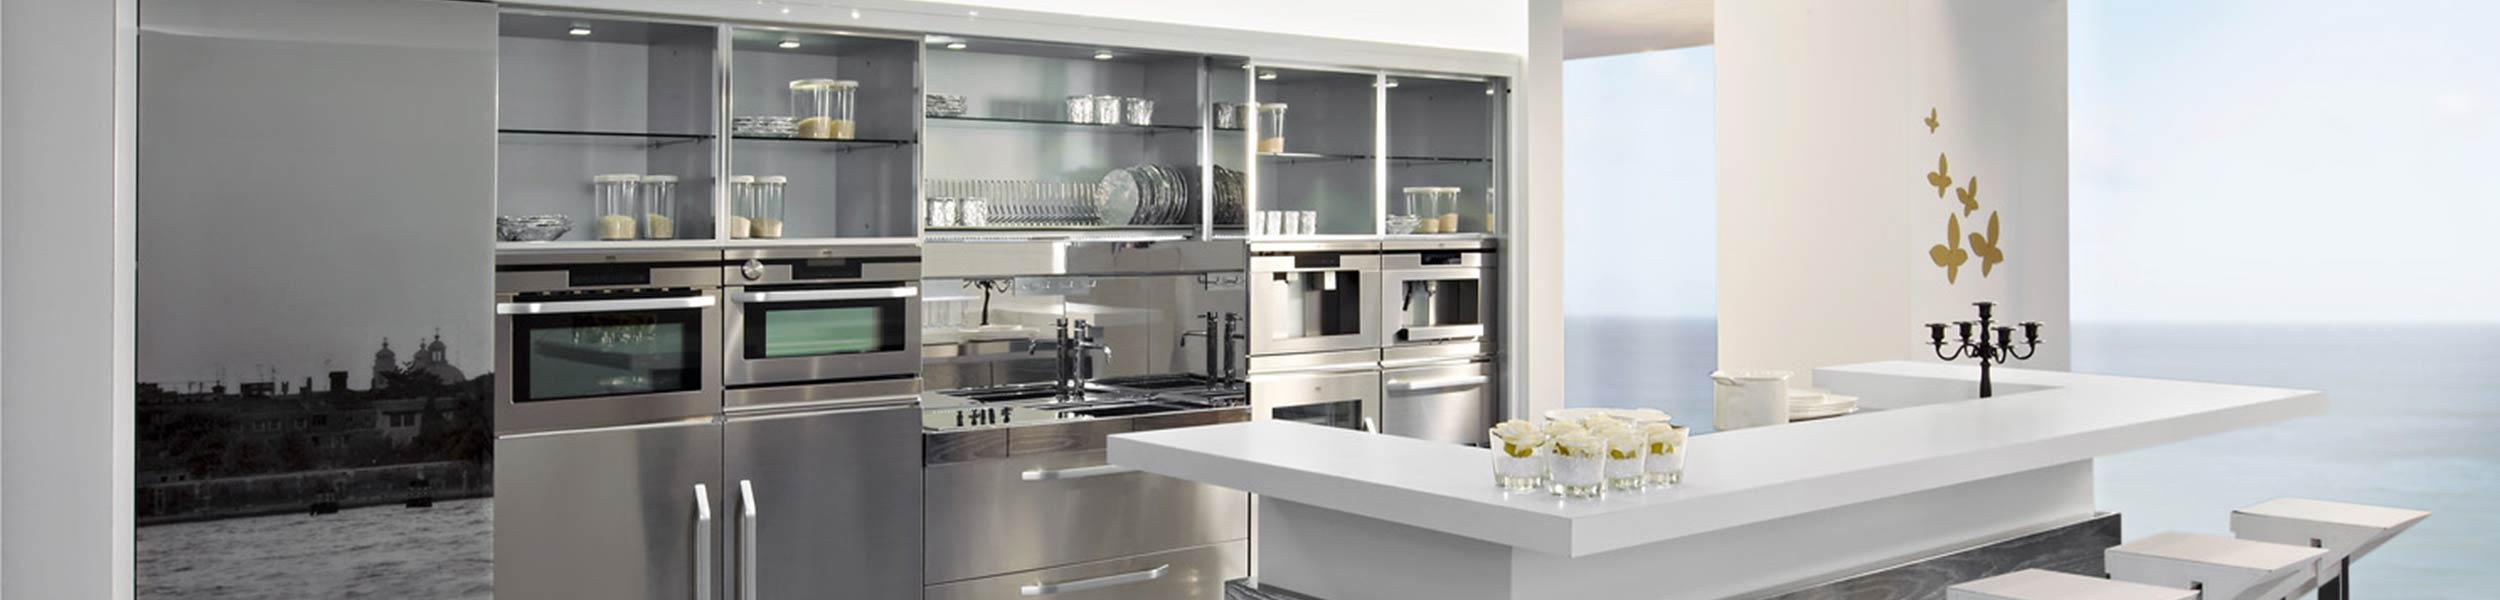 Ar tre houseorganic for Cirelli arredo bagno